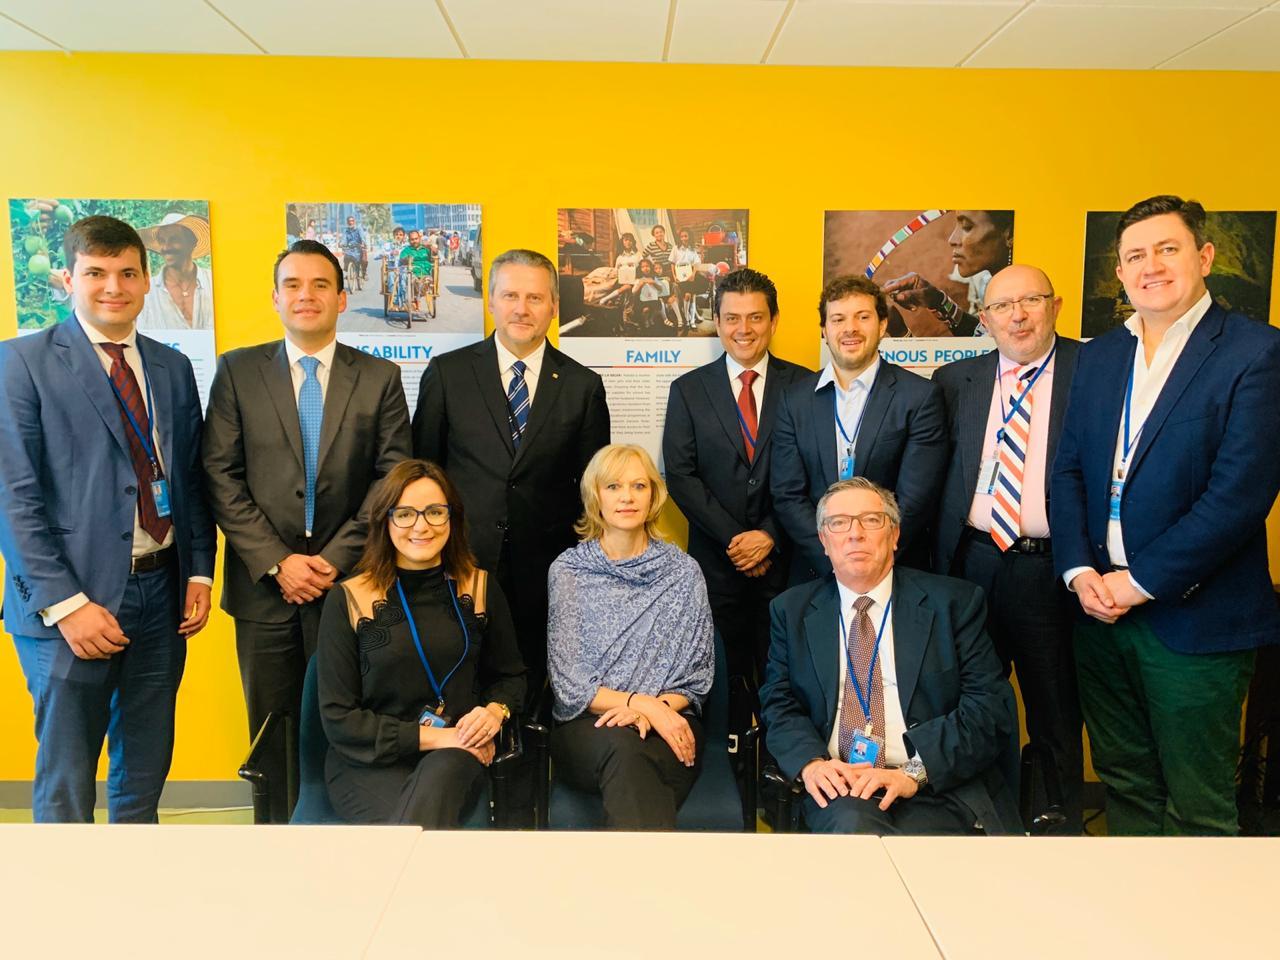 A foto foi tirada de representantes do mundo inteiro, e ao lado direito está o presidente da Cohab Alex Peixe, todos sorrindo para a foto.